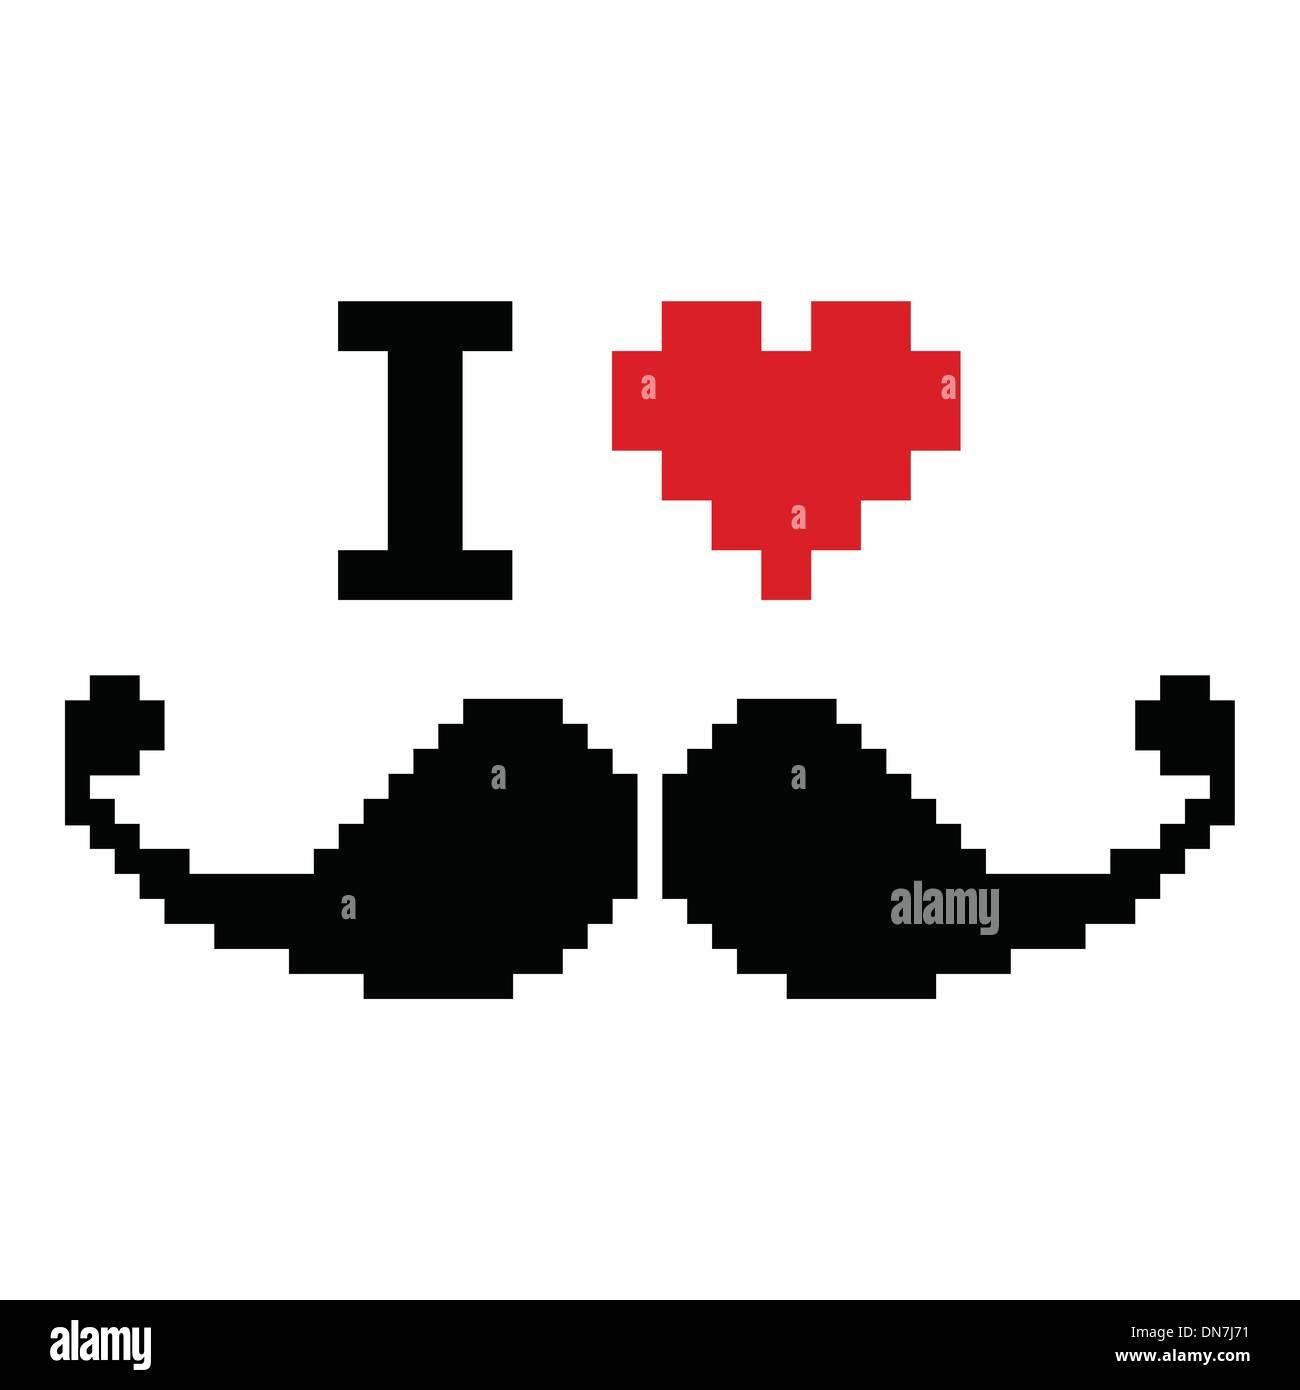 Ich liebe Schnurrbart pixelig, Retro-geeky Zeichen Stock Vektor